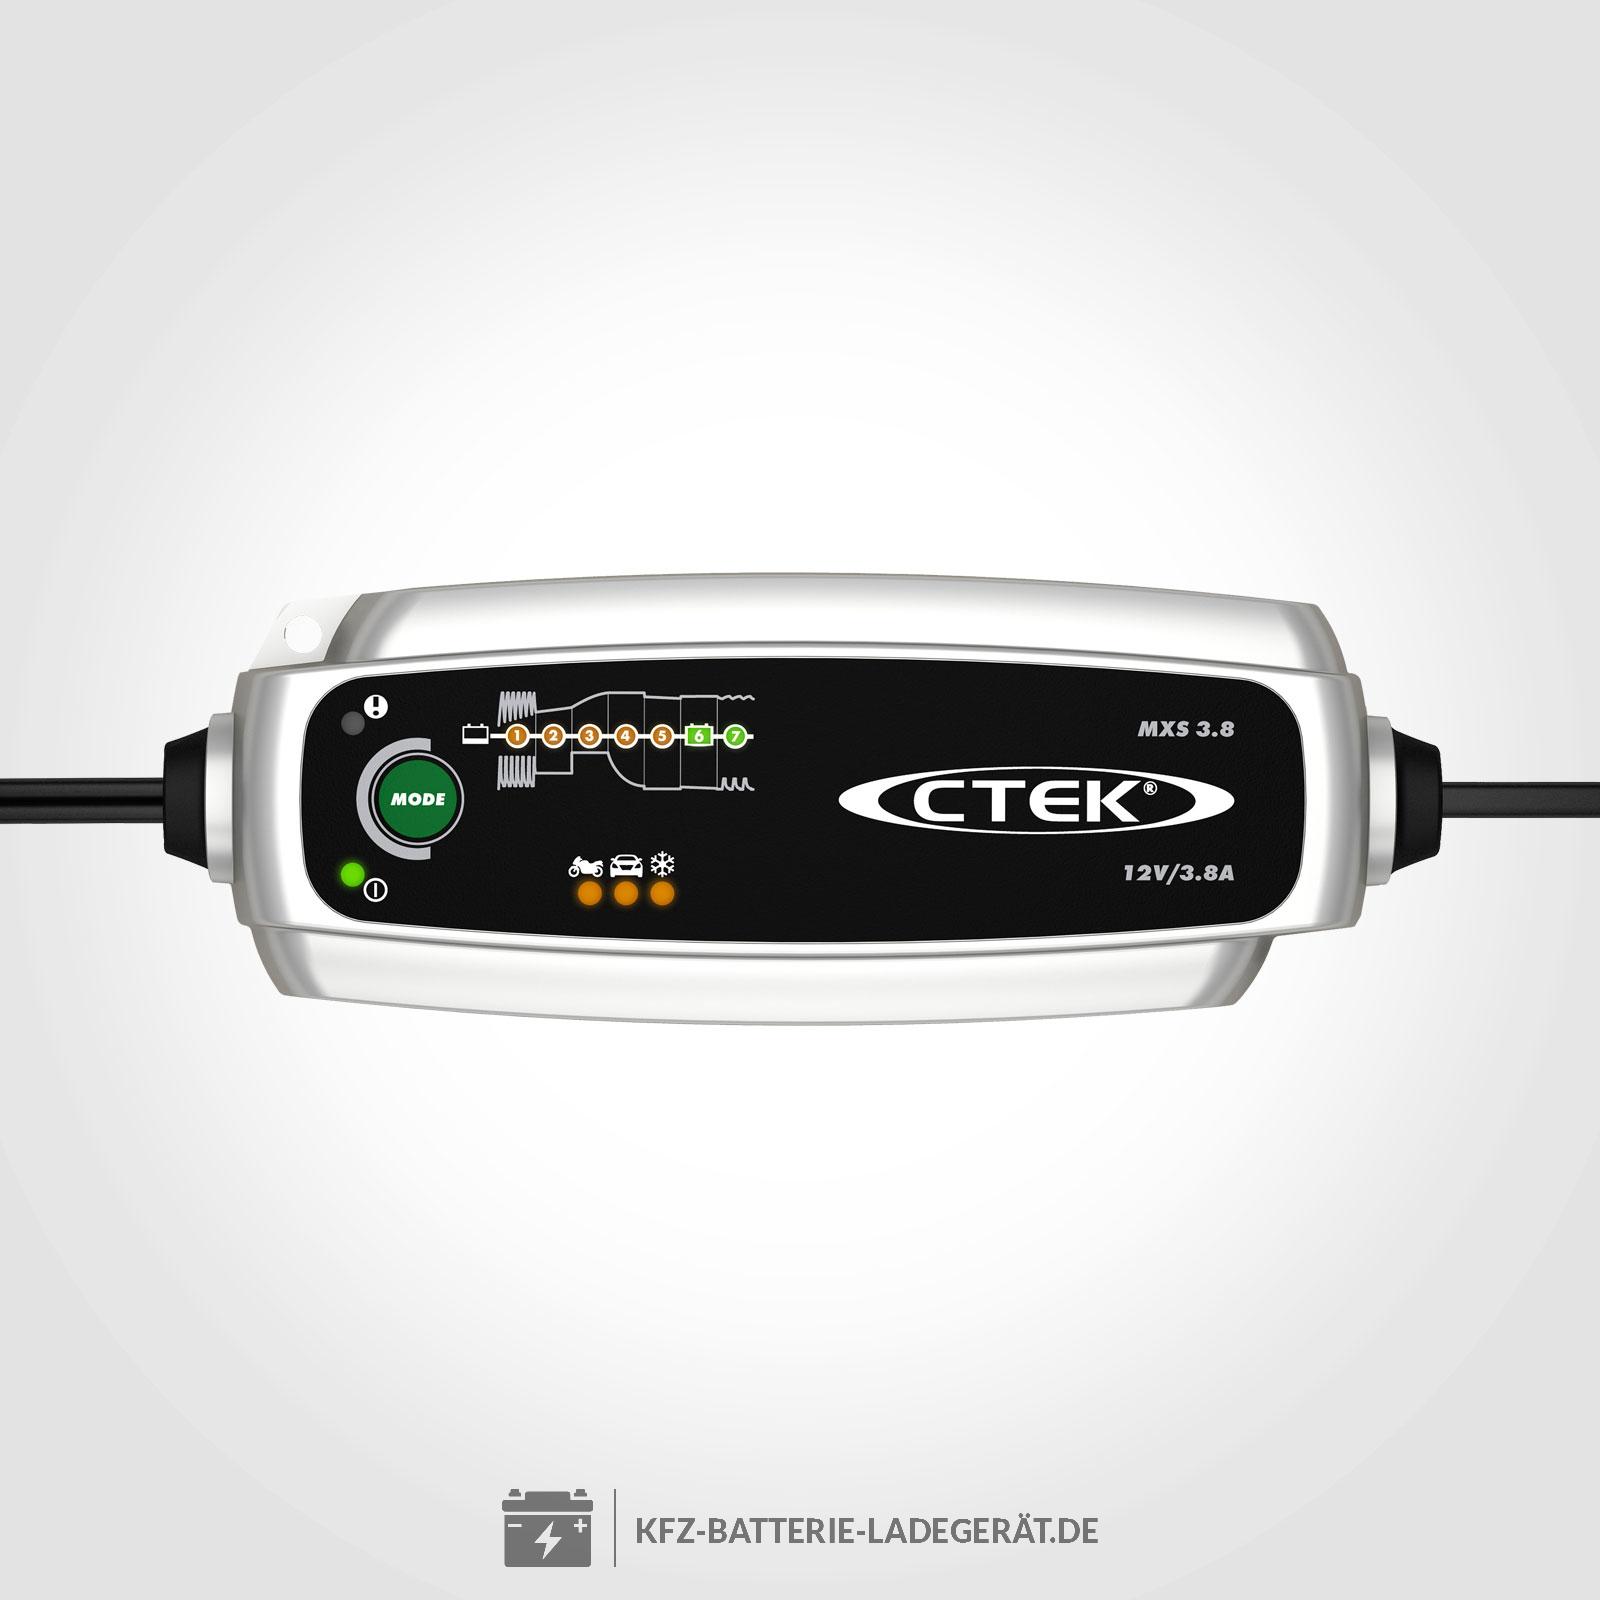 Ctek Mxs 38 Ladegerät Für 12v Batterien Ctek Batterie Ladegeräte